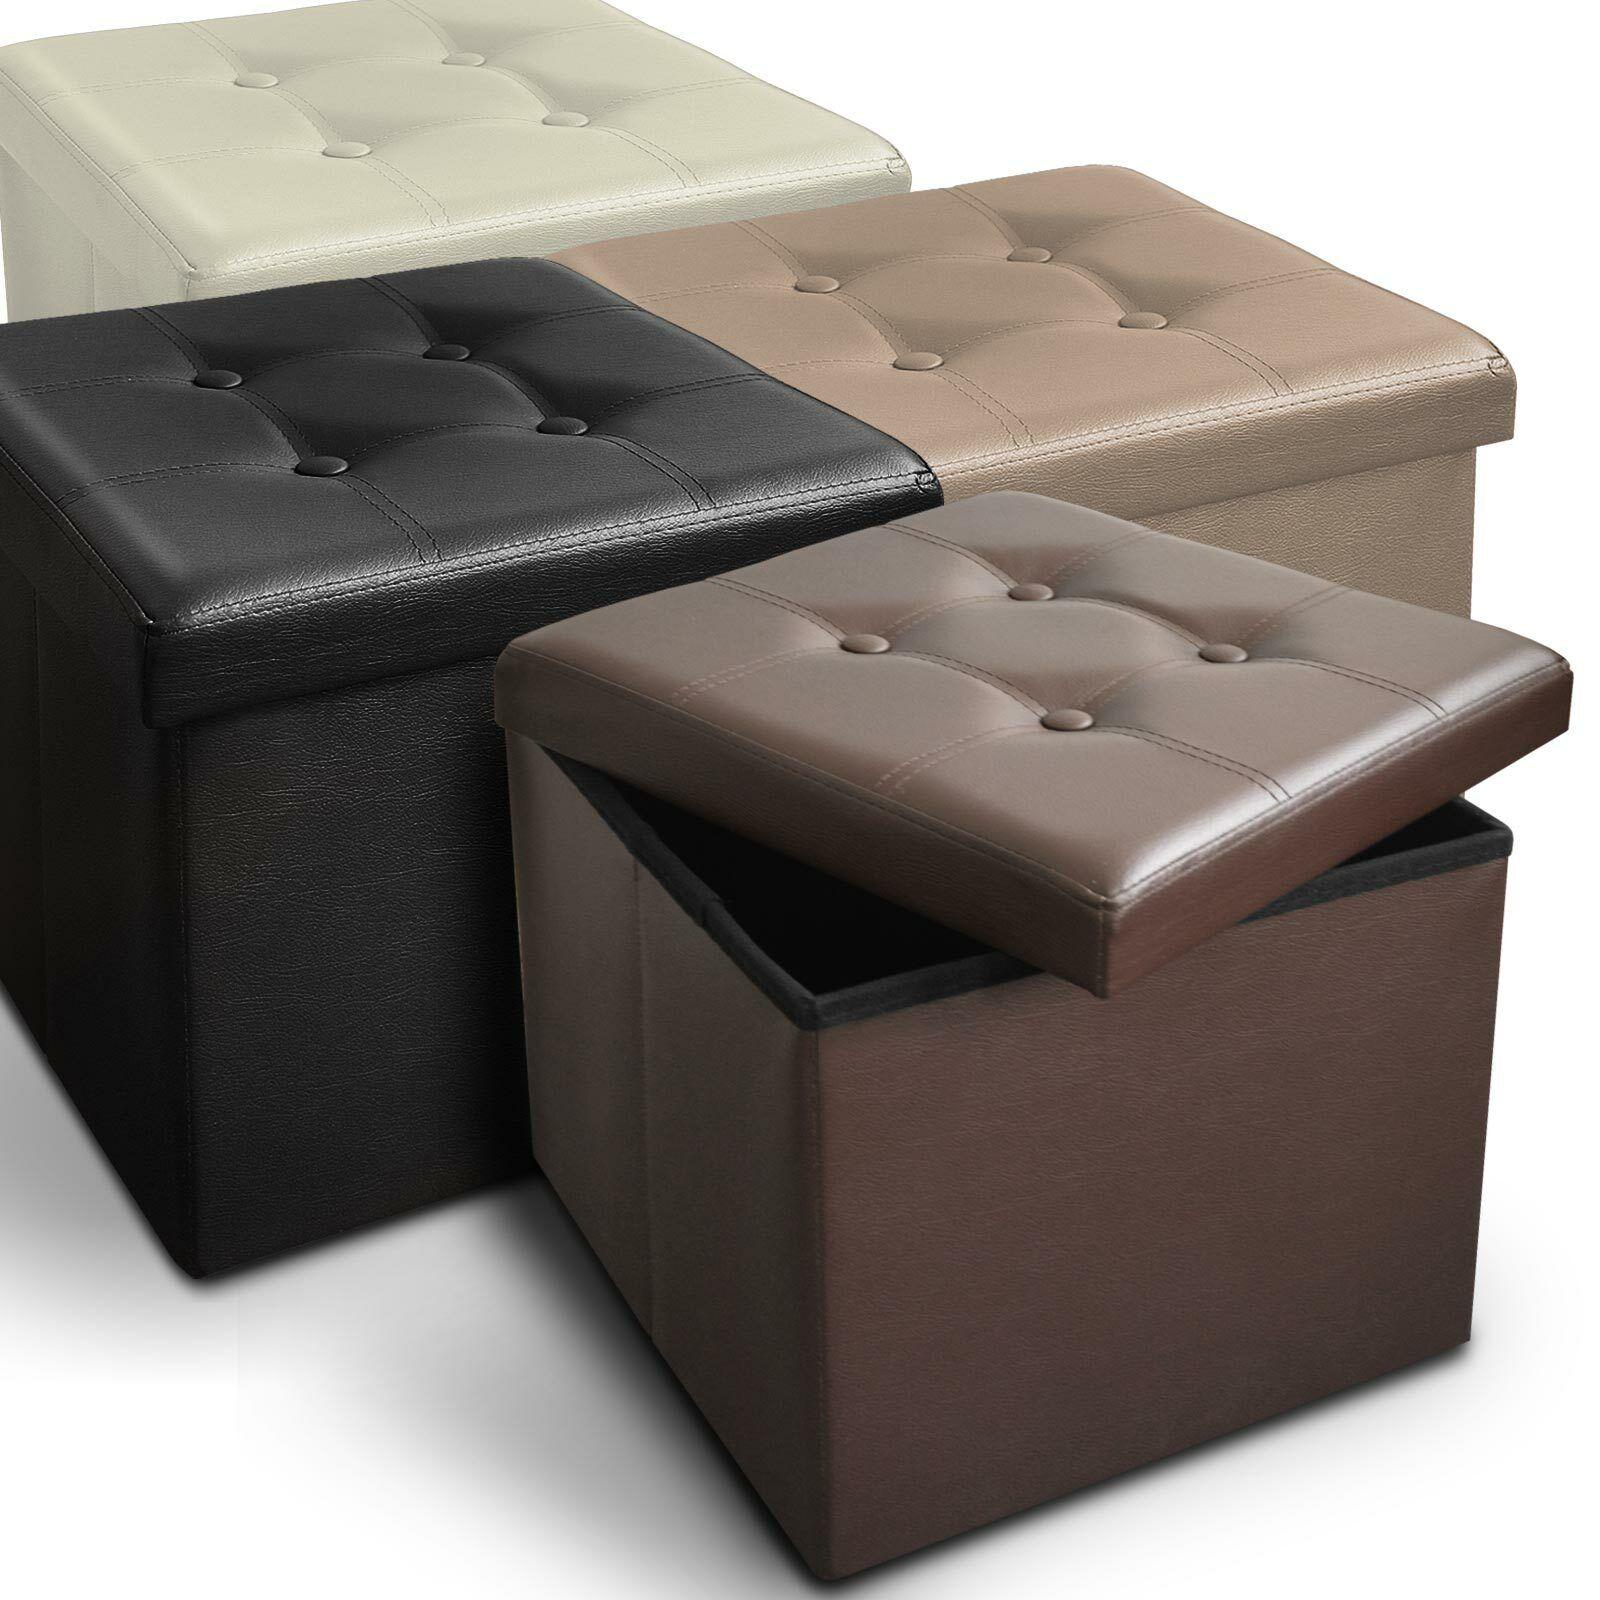 Faltbarer Sitzwürfel Sitzbank Aufbewahrungsbox Hocker Ottomane Sitzhocker